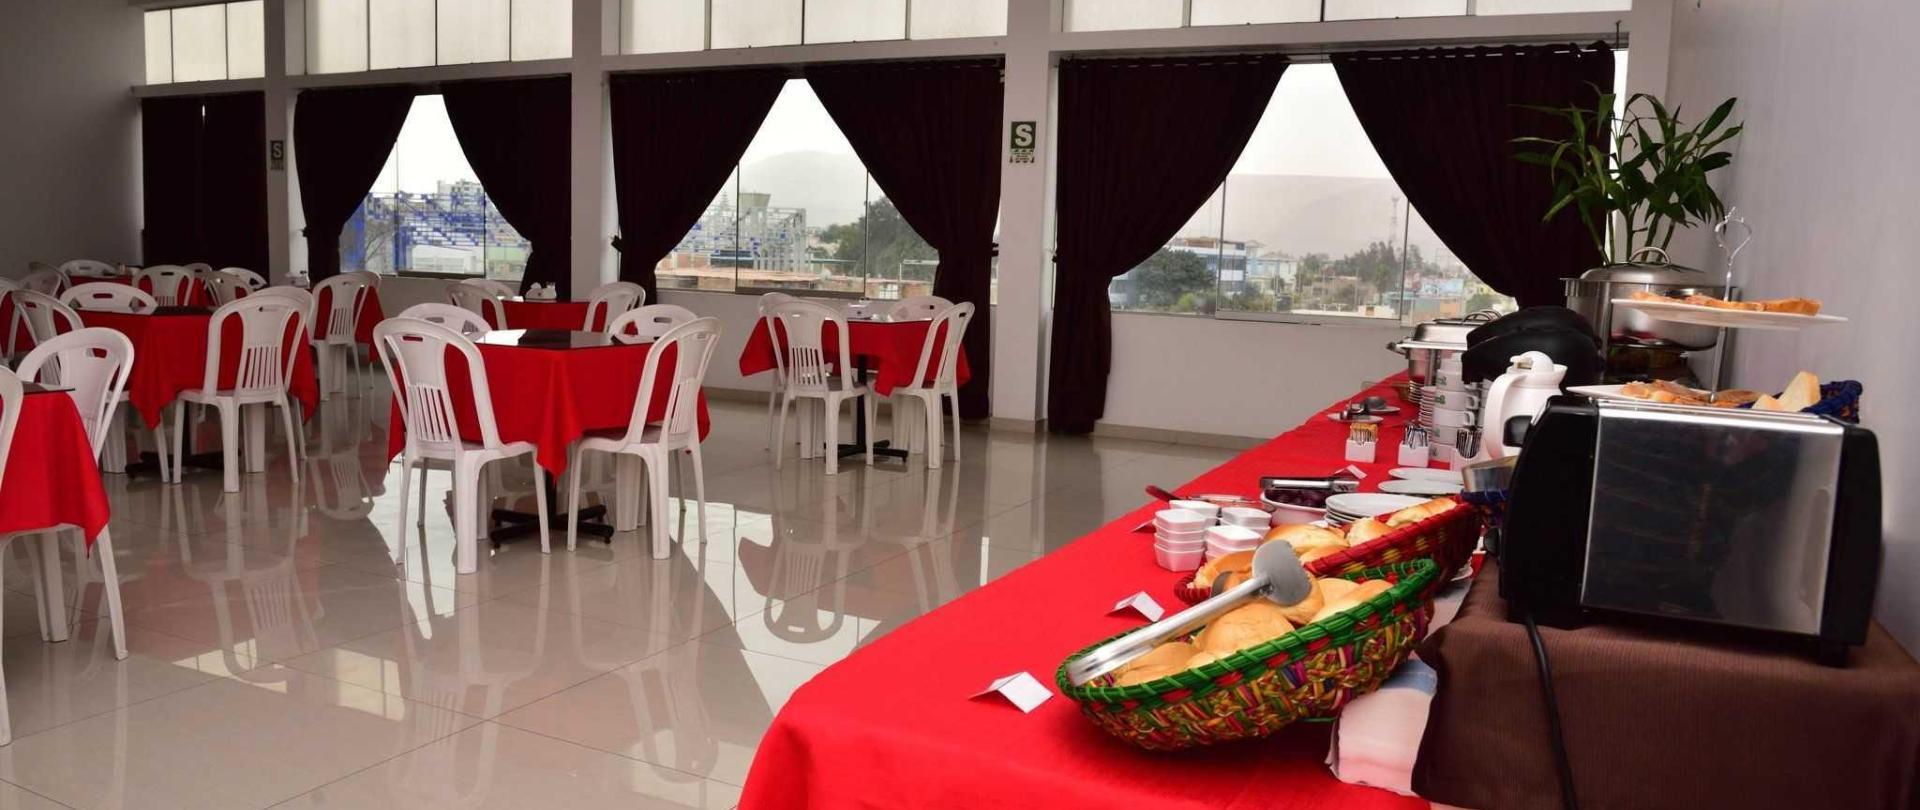 hotel-holiday-suites-3-estrellas-tacna-cafeteria-7.jpg